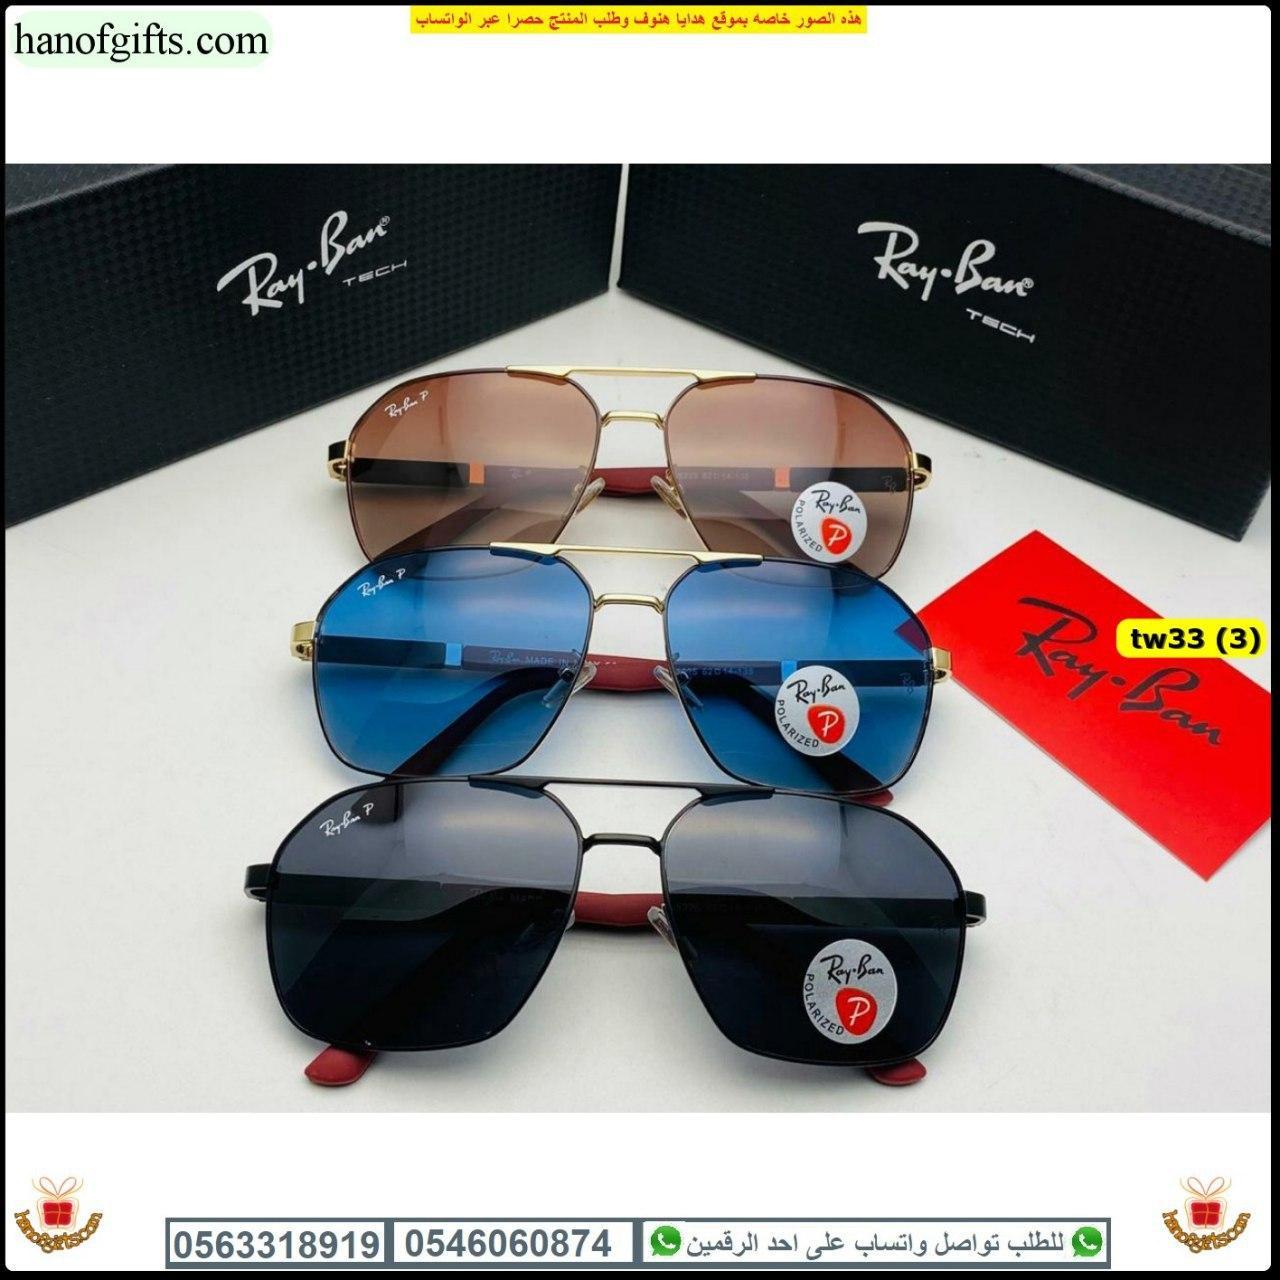 نظارات ريبان ٢٠٢٠